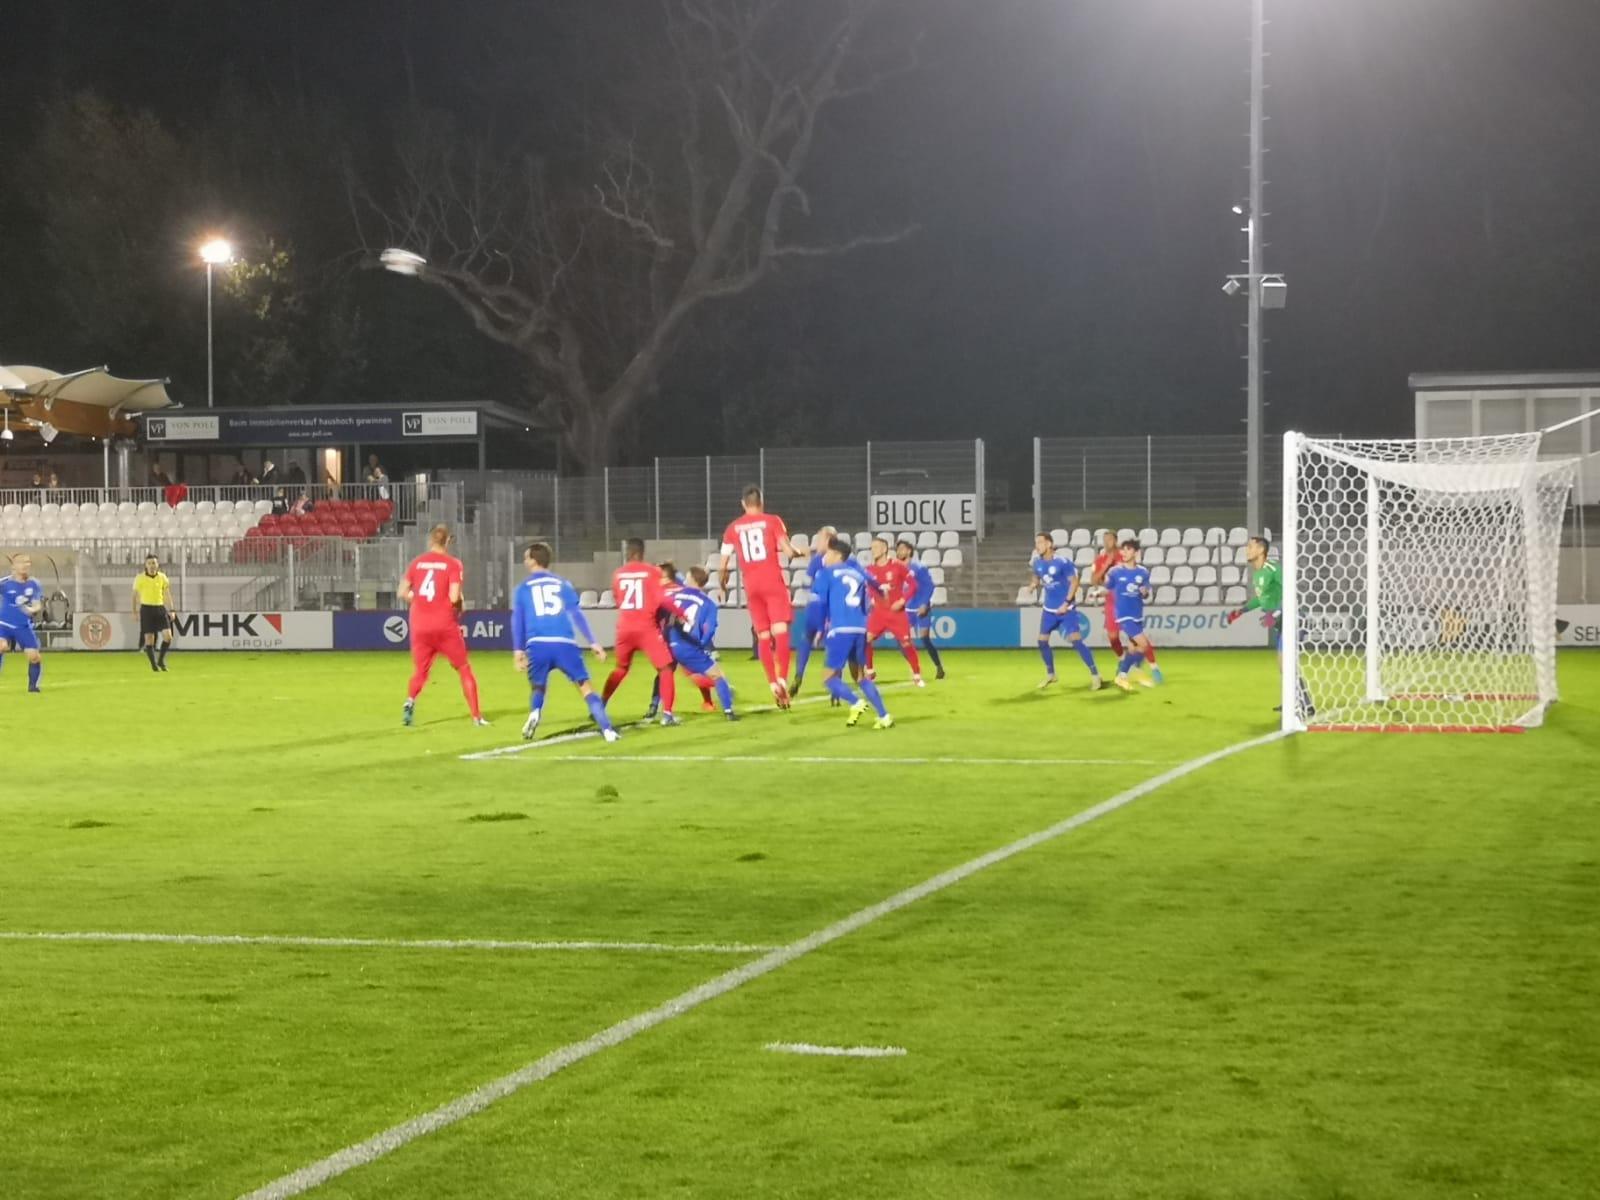 Ansicht des Rasens im Sportpark Dreieich während des Spiels des SC Hessen Dreieich gegen Viktoria Griesheim